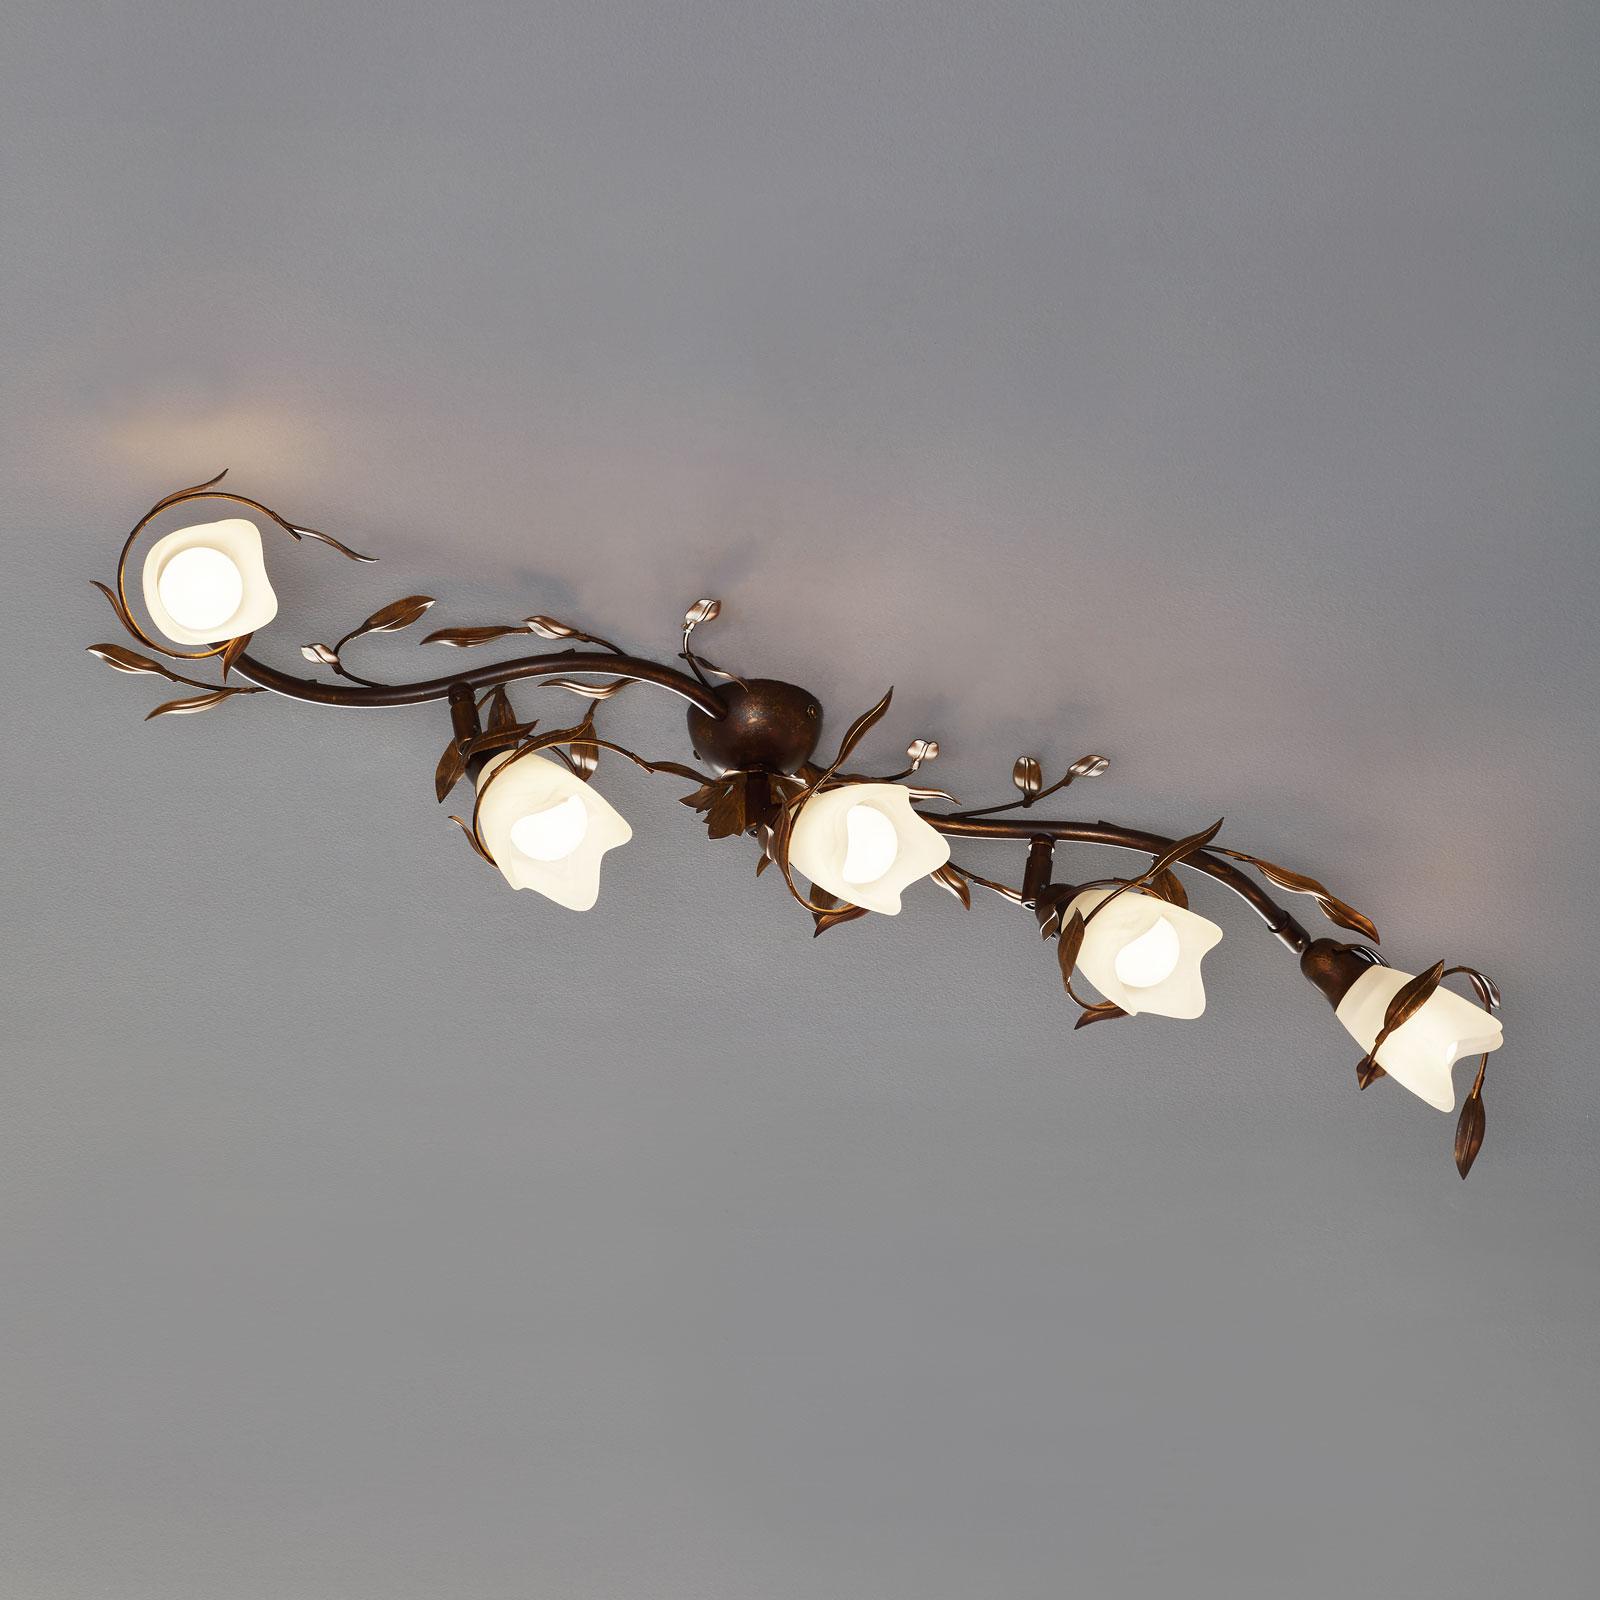 Lampa sufitowa Campana, 5-punktowa, zakrzywiona